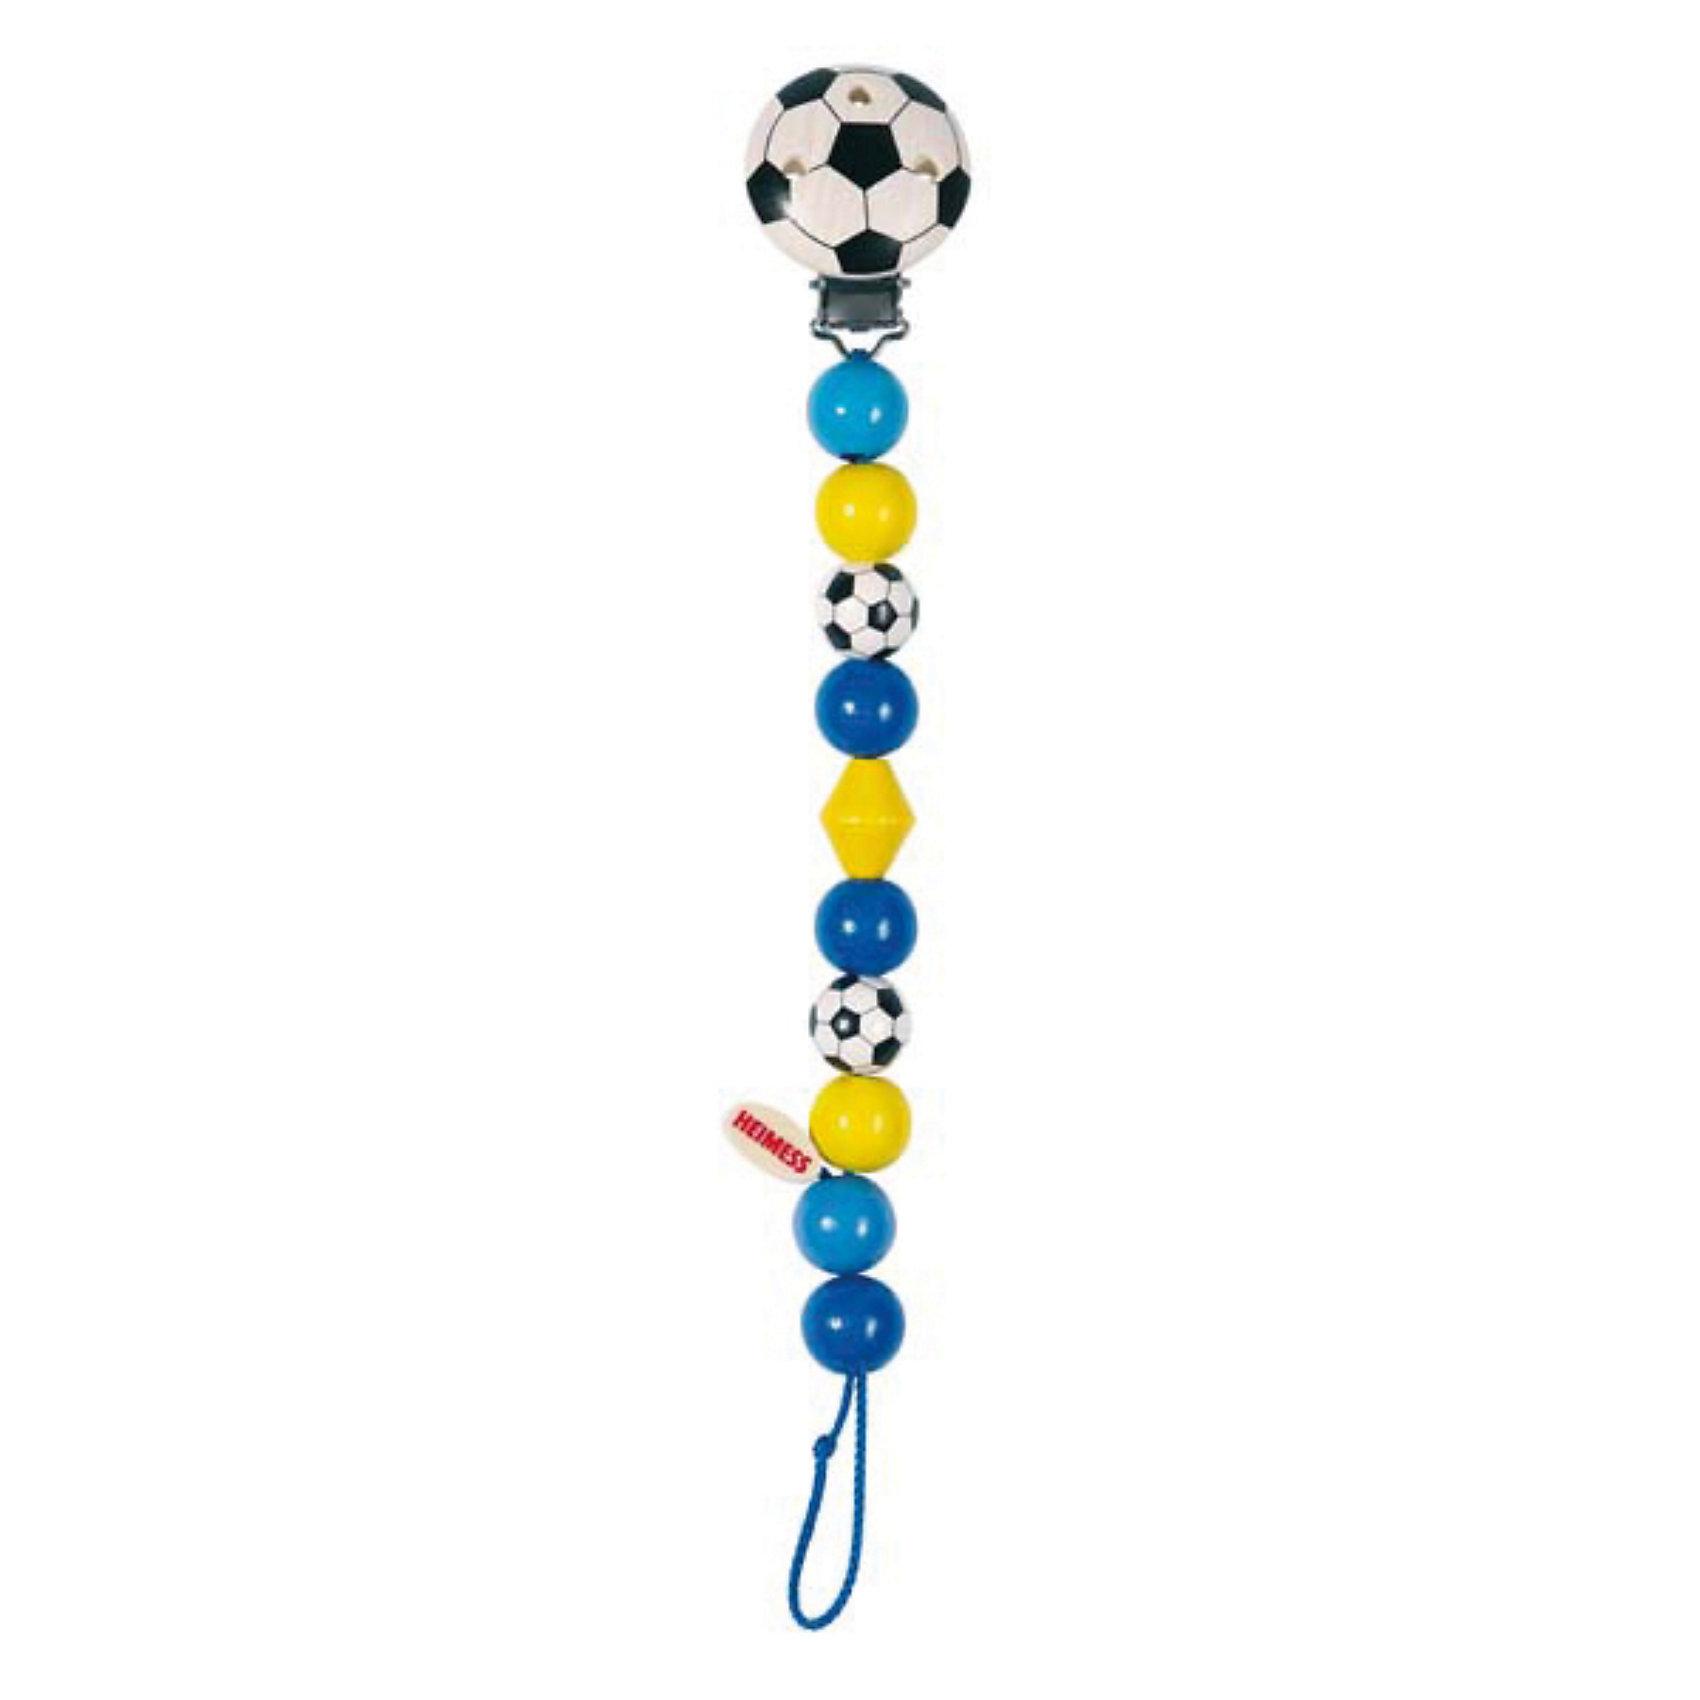 Держатель  с клипсой  Футбол, синий, HEIMESSДержатель  с клипсой  Футбол, синий, HEIMESS (ХАЙМЕСС) – это держатель для соски, который можно использовать как развивающую игрушку.<br>Деревянный держатель с клипсой Футбол от немецкого бренда Heimess (Хаймесс) не позволит пустышке случайно упасть. Его можно использовать с рождения. Яркий красивый держатель для соски состоит из разноцветных деревянных элементов в виде шариков, ромба и футбольных мячей. Держатель сделан из легкого дерева, прищепка - из металла. Металлическая прищепка закрыта деревянным кружочком в виде мяча, поэтому малыш не сможет пораниться об нее. Длина держателя рассчитана таким образом, чтобы он не стеснял движений малыша и не смог обвить шею ребенка. Пустышка крепится с помощью петельки. Можно использовать два вида сосок: имеющие колечки крепятся стандартно «петля в петлю», а соска без кольца затягивается в петлю с помощью деревянного язычка с надписью Heimess. Подросшему малышу держатель будет интересен как развивающая игрушка. Он с интересом будет перебирать элементы держателя, рассматривать их форму и цвет. Все детали очень гладкие и абсолютно безопасны для малыша. Держатель изготовлен из качественной древесины и покрыт стойкими безопасными красками на водной основе. Важной особенностью является поверхностная пропитка элементов держателя, что исключает возможность сколов и отслоений краски. HEIMESS (ХАЙМЕСС) - крупный немецкий производитель детских игрушек из дерева. Это игрушки с историей и традициями настоящего немецкого производства. Качество и безопасность этих игрушек доказаны, более чем 50 летним опытом. Вся продукция под брендом HEIMESS (ХАЙМЕСС) производится непосредственно в Германии.<br><br>Дополнительная информация:<br><br>- Материал: древесина, стойкие краски на водной основе<br>- Длина: 21 см.<br>- Цвет: синий, голубой, желтый, черный, белый<br>- Вес: 23 гр.<br><br>Держатель  с клипсой  Футбол, синий, HEIMESS (ХАЙМЕСС) можно купить в нашем интернет-магазине.<br><br>Ширина мм: 210<br>